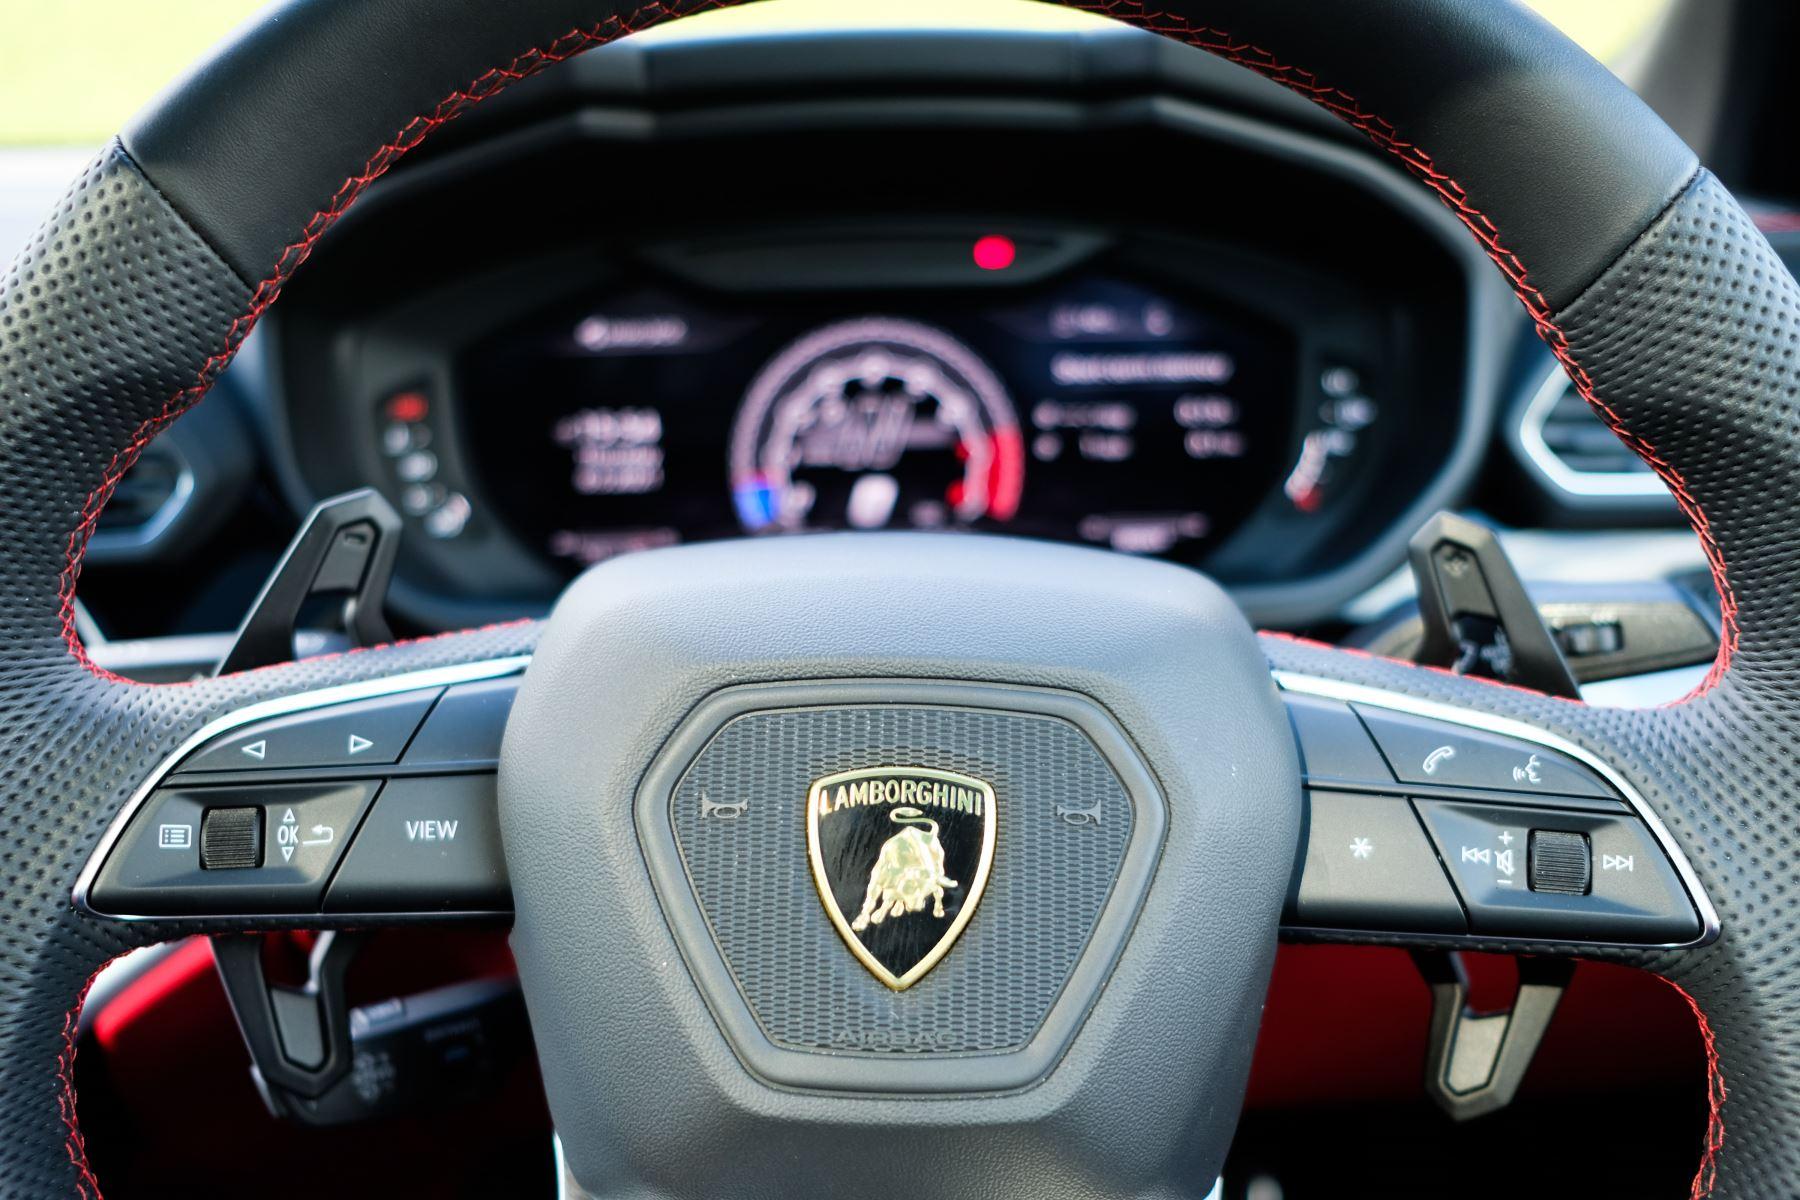 Lamborghini Urus 4.0T FSI V8 AUTO- 4 SEAT CONFIGURATION - NIGHT VISION - 23 INCH ALLOYS image 22